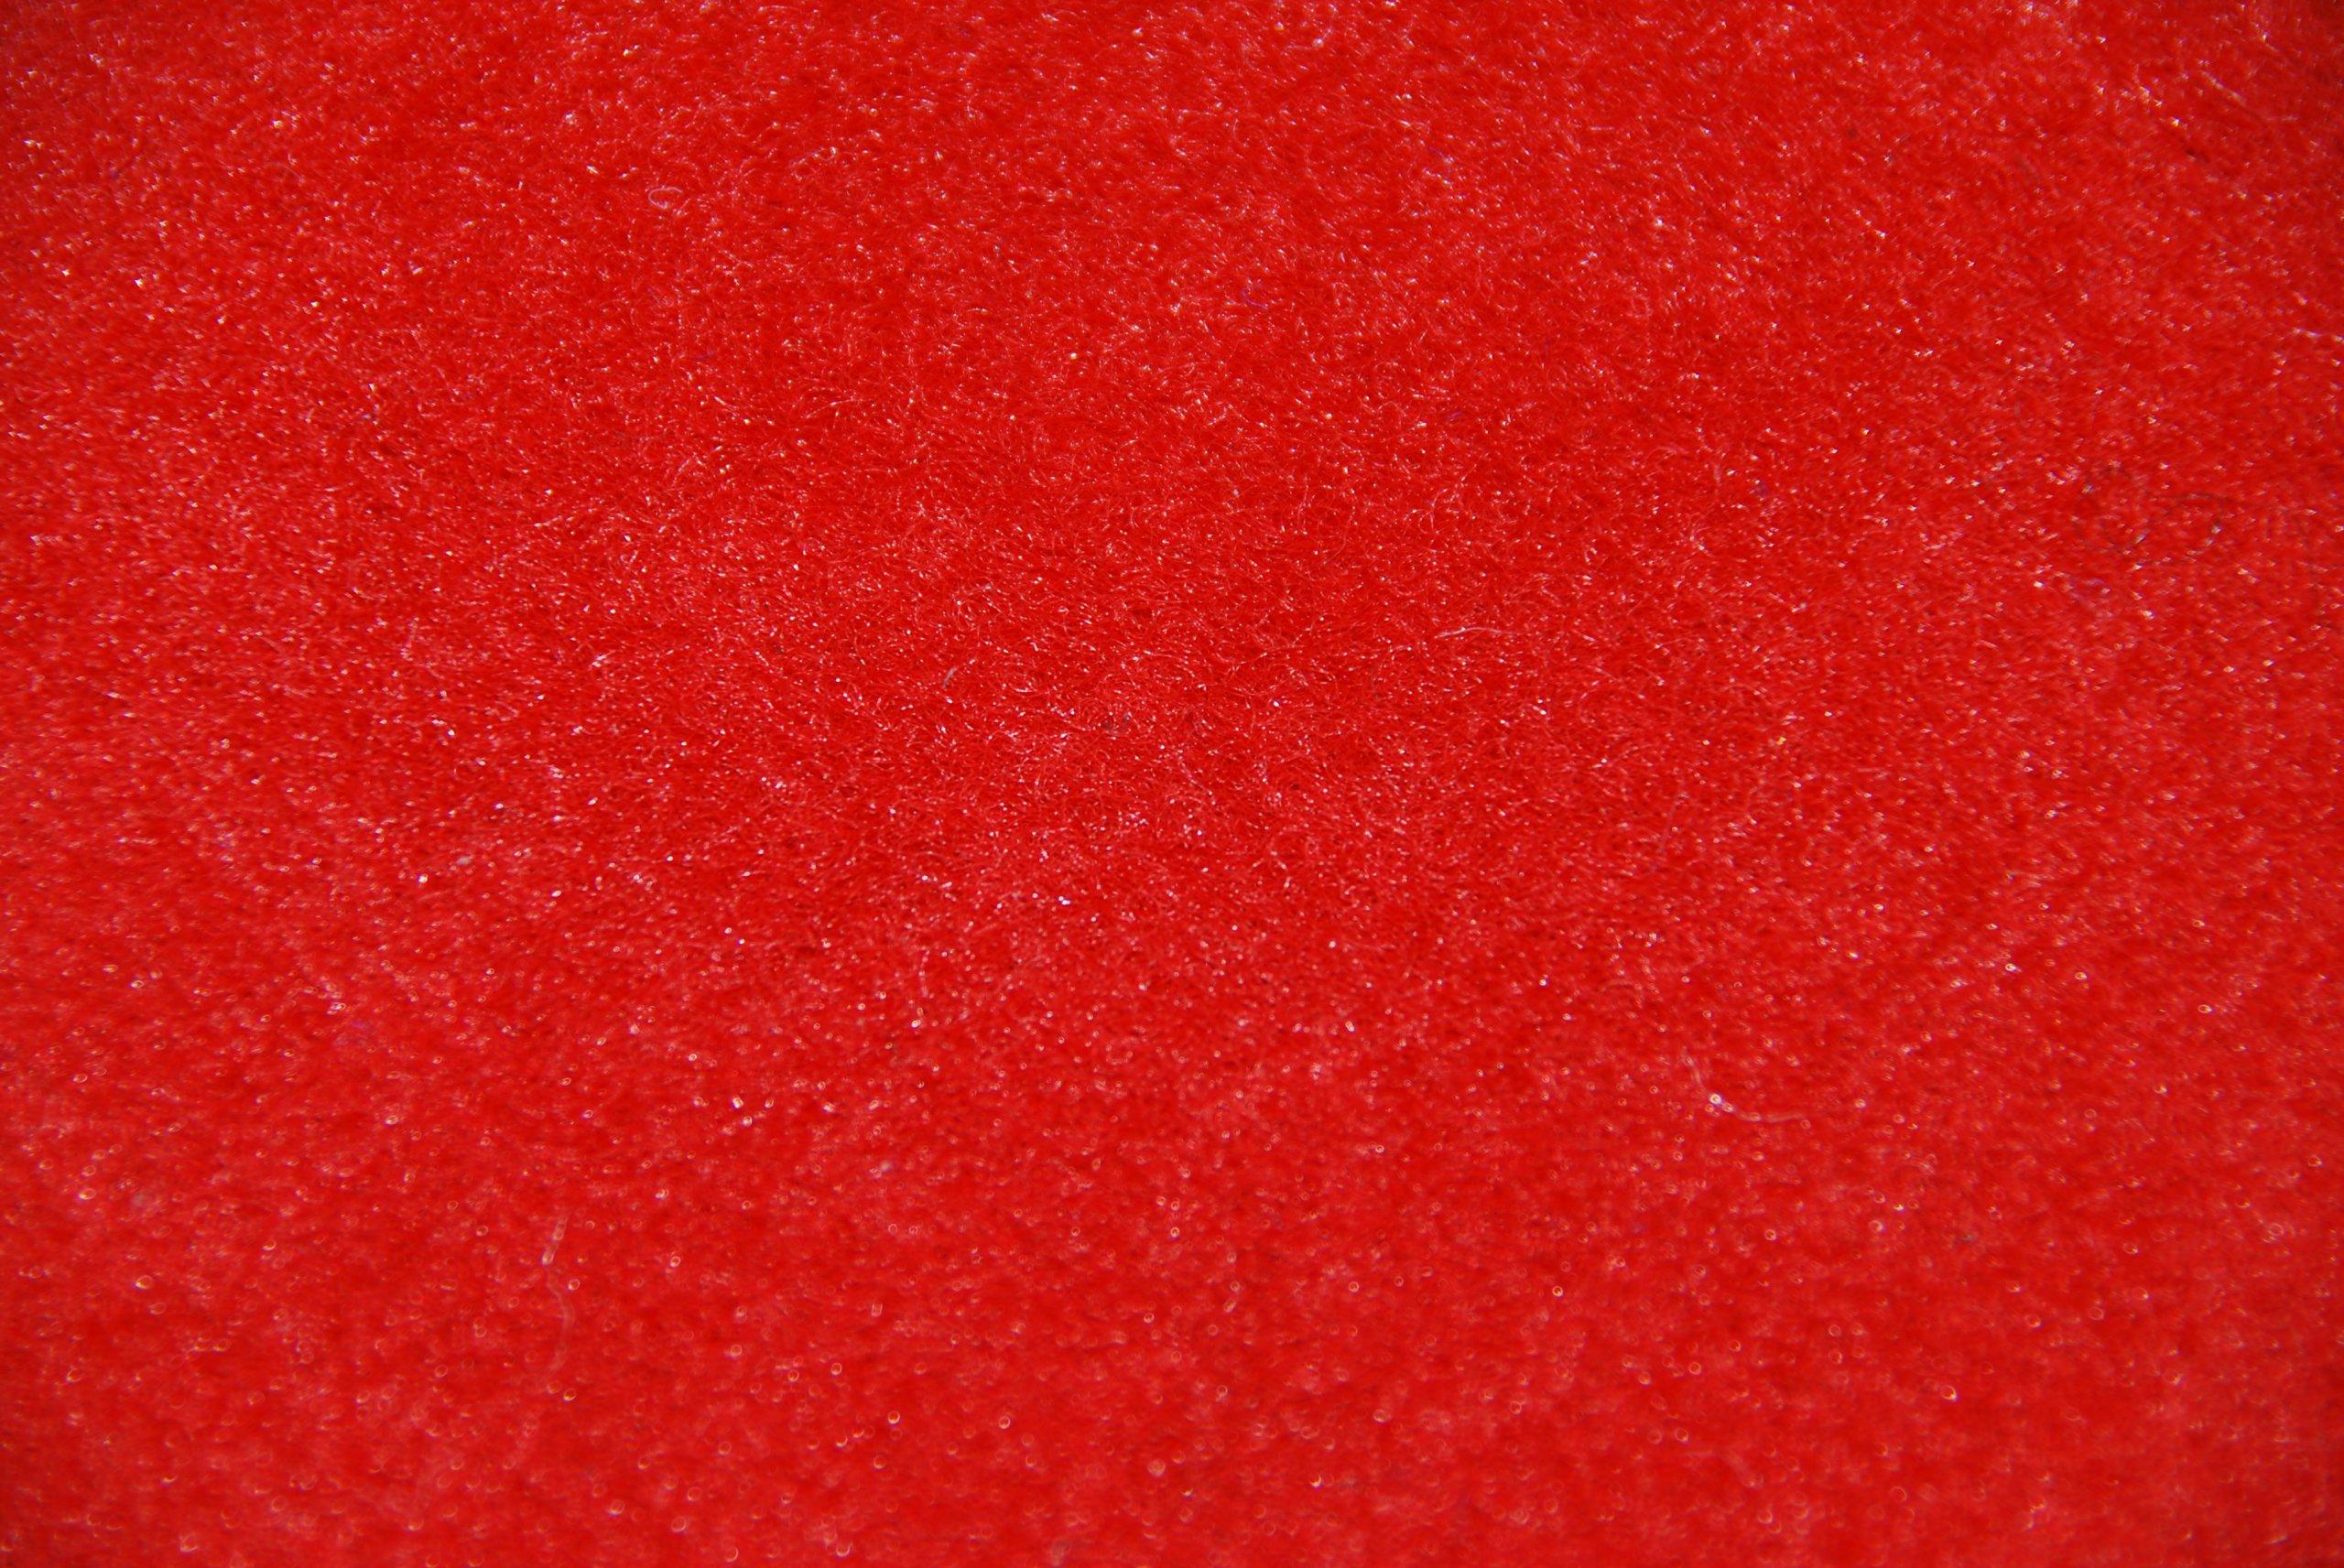 ковровое автомобильная carlux 3032 cerise красная